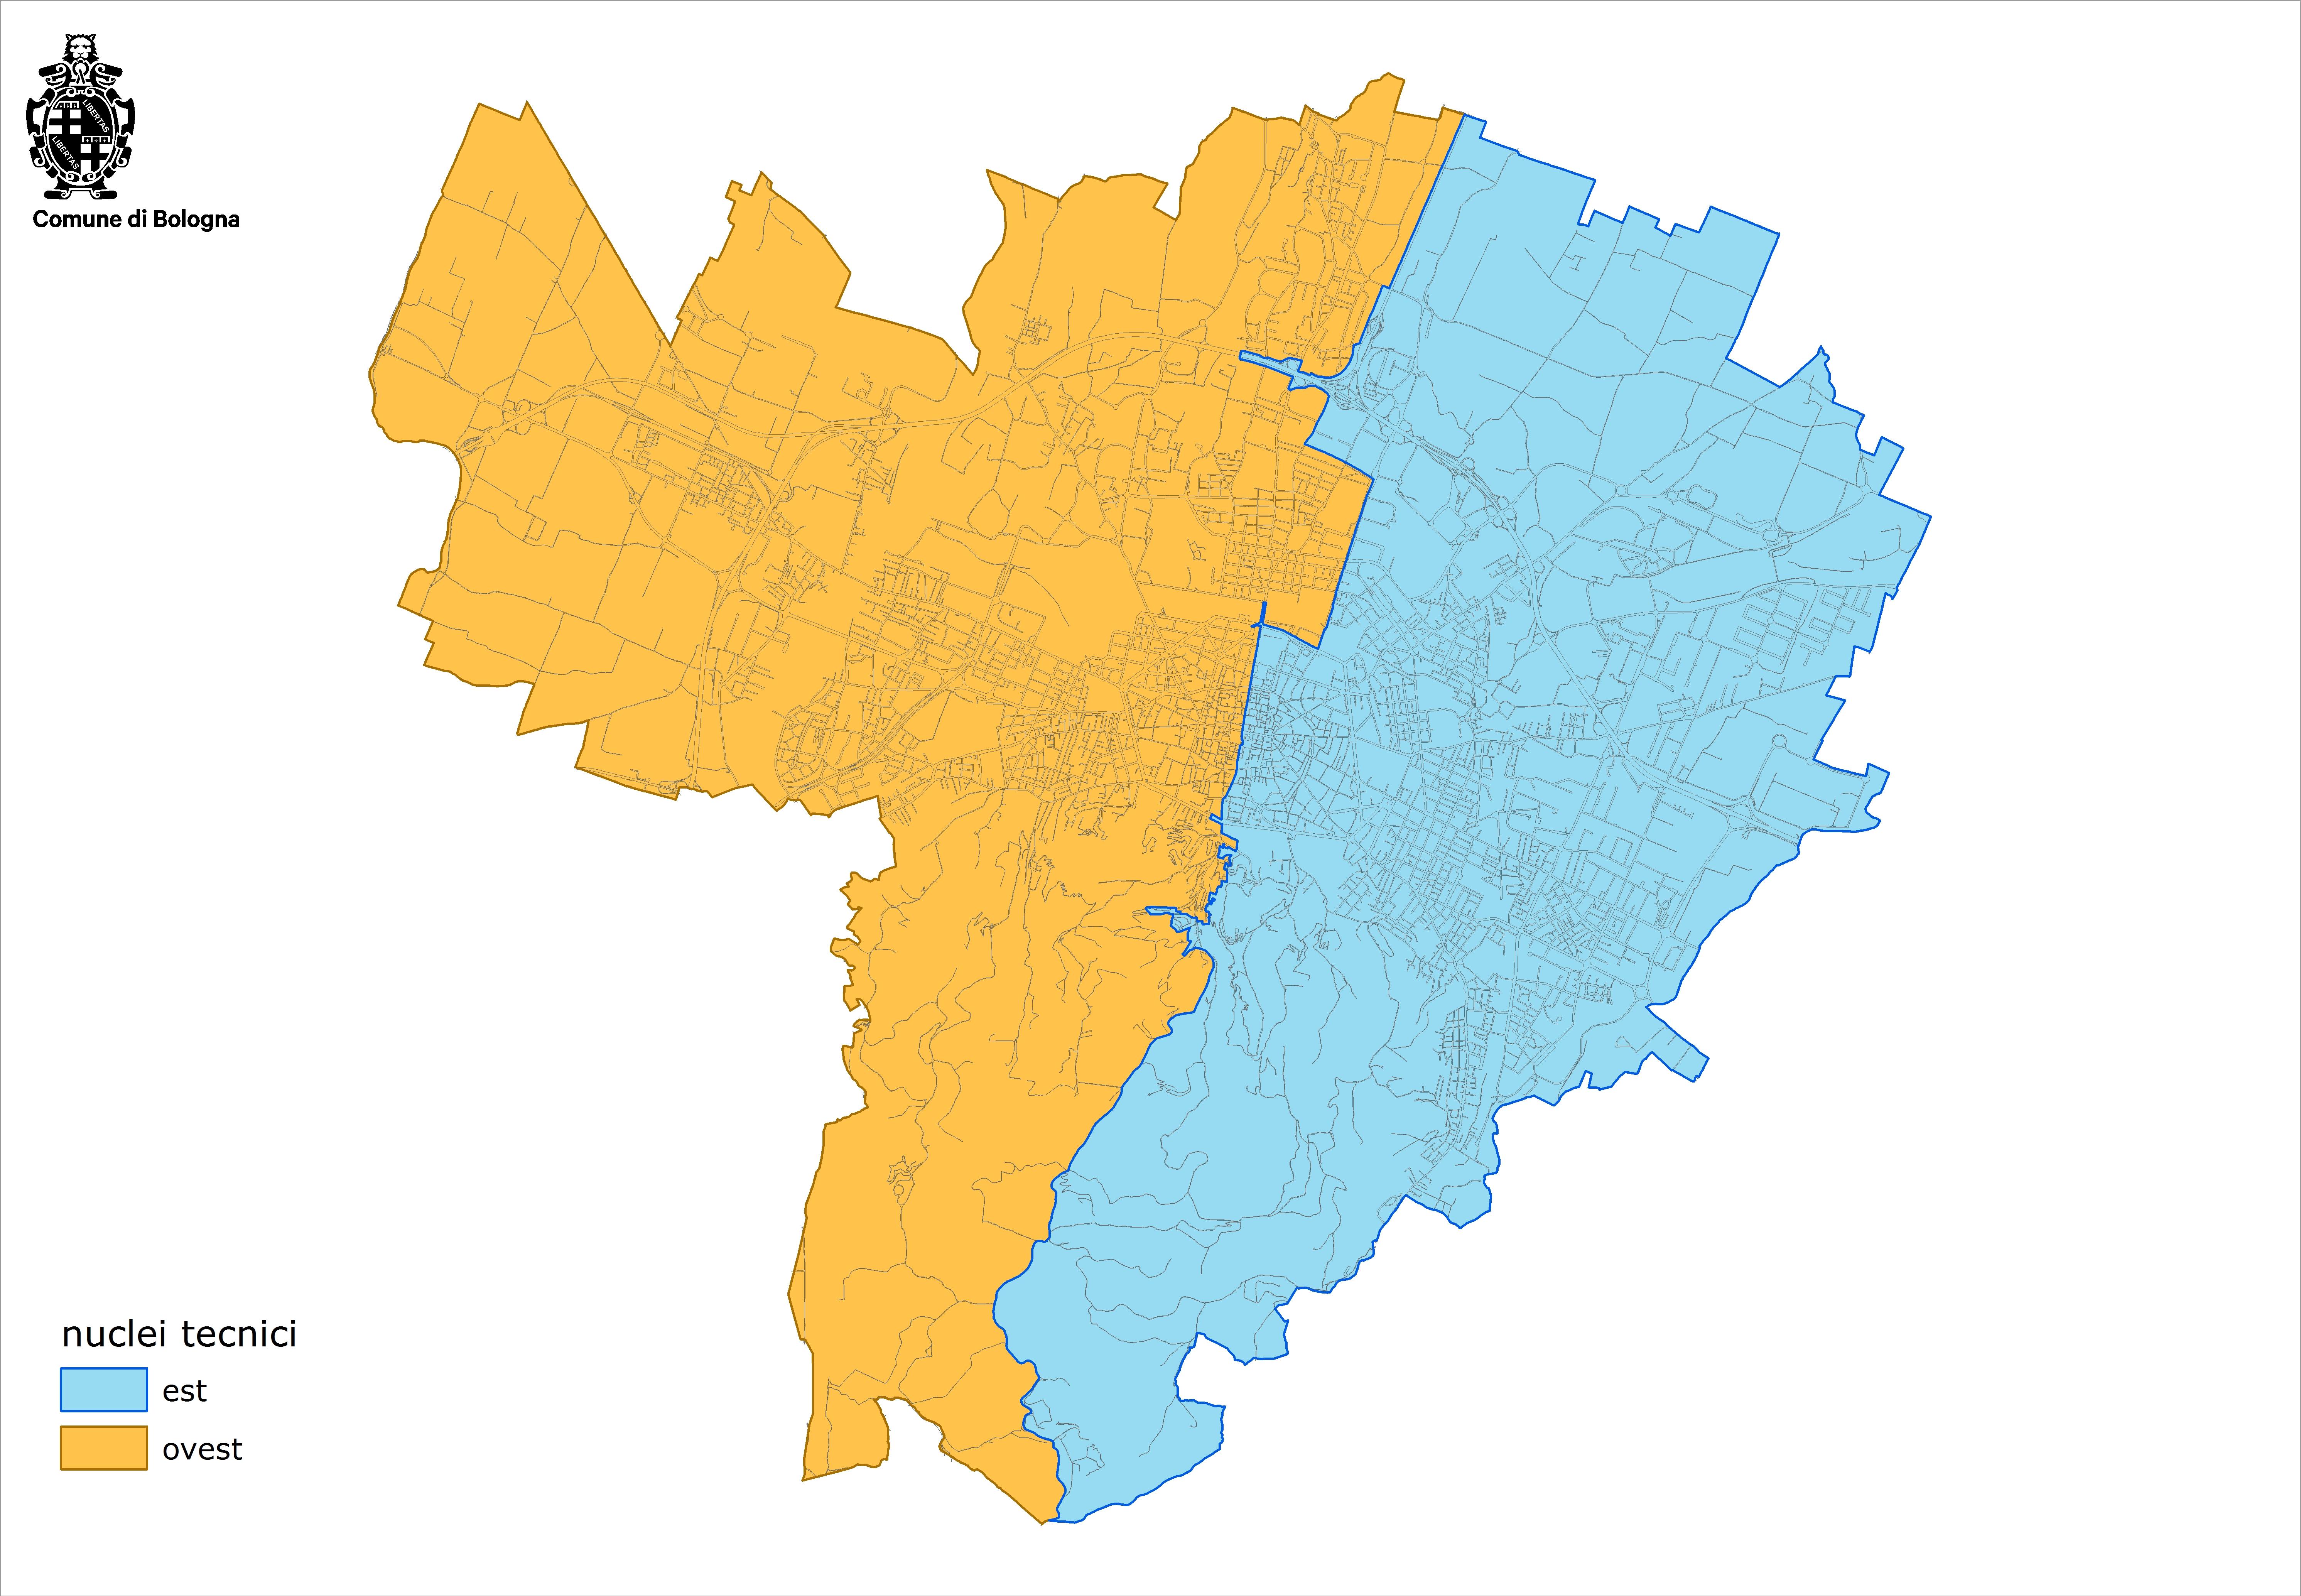 Visualizzazione mappa nuclei est ovest